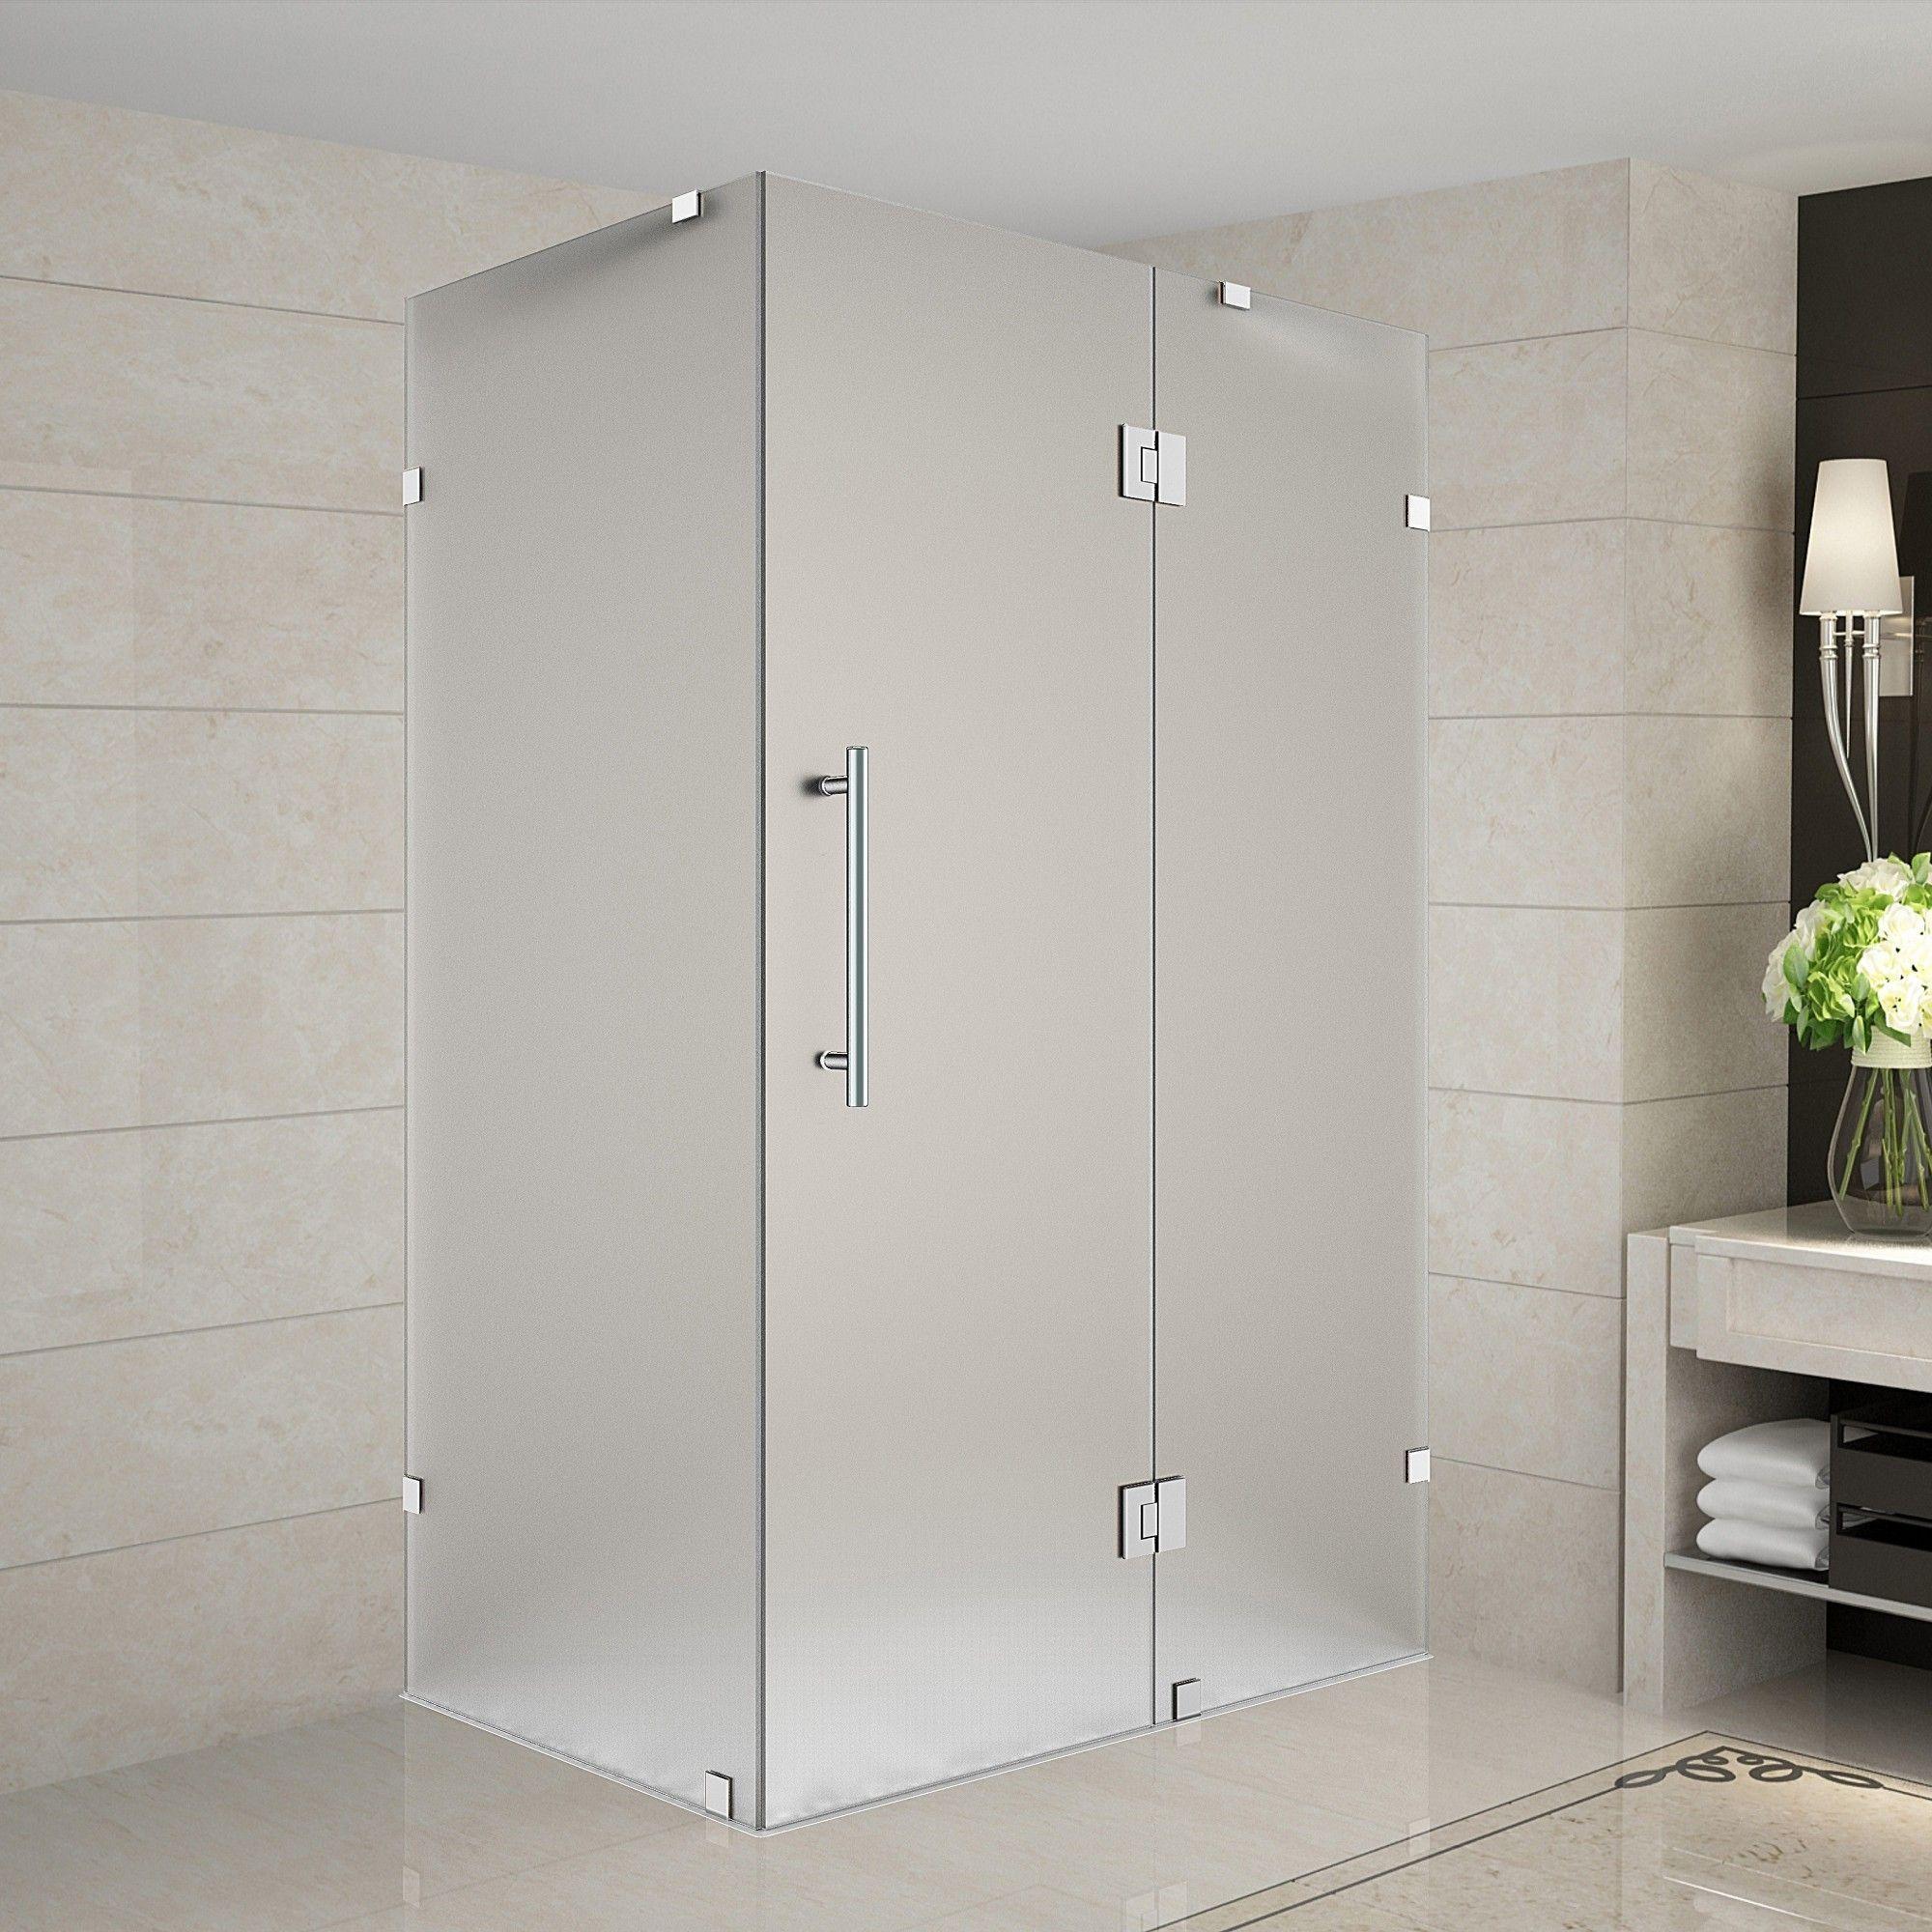 Avalux 36 X 36 X 72 Completely Frameless Hinged Shower